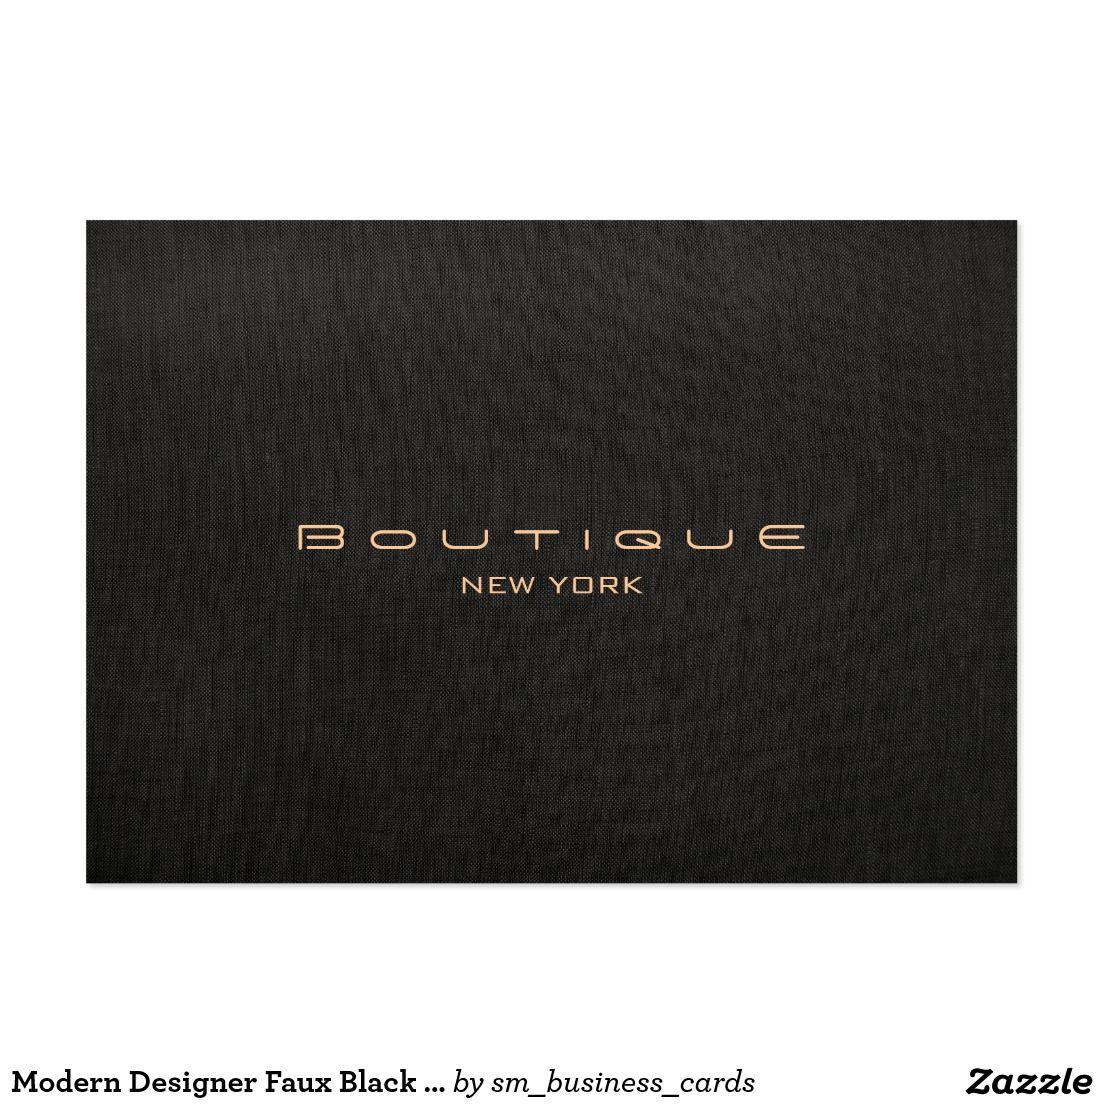 Modern Designer Faux Black Linen Professional Large Business Card ...